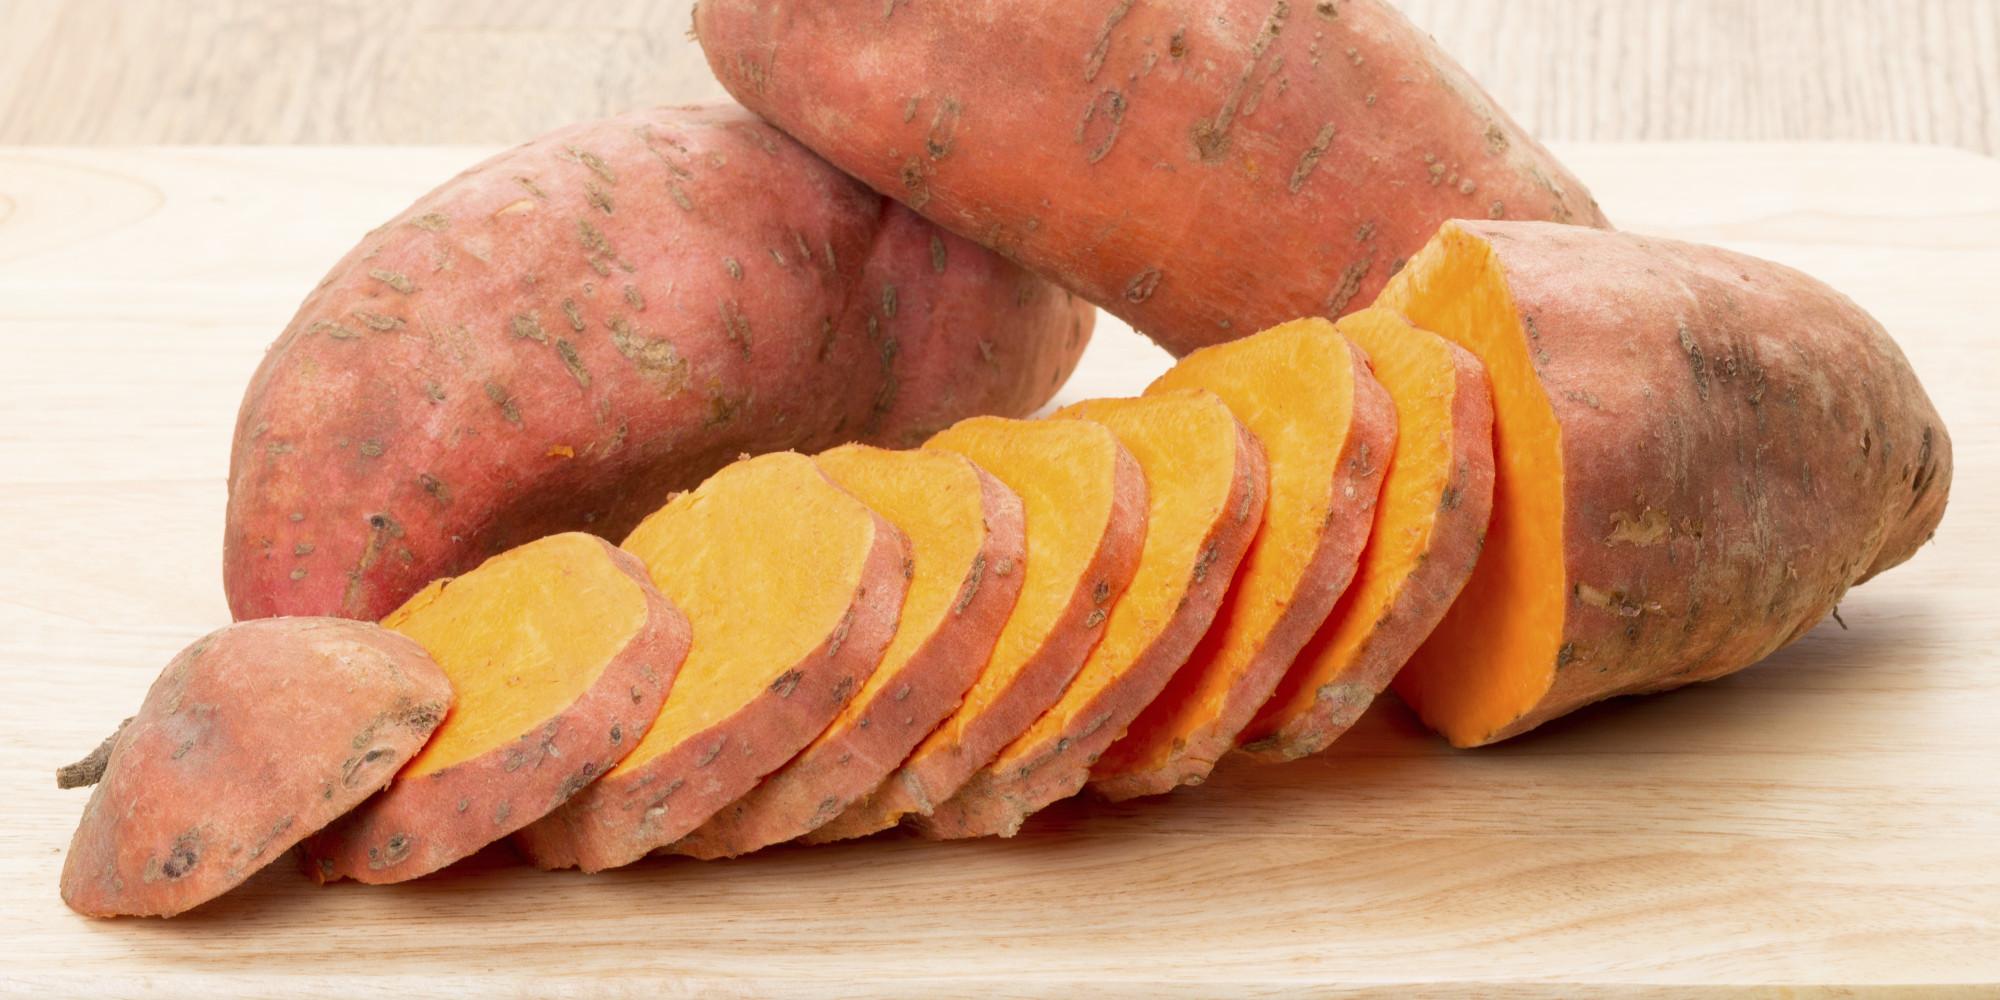 رجيم البطاطا 4 أسباب تشجعك على أكلها لو عاوز تخس 2 كيلو فى 3 أيام اليوم السابع